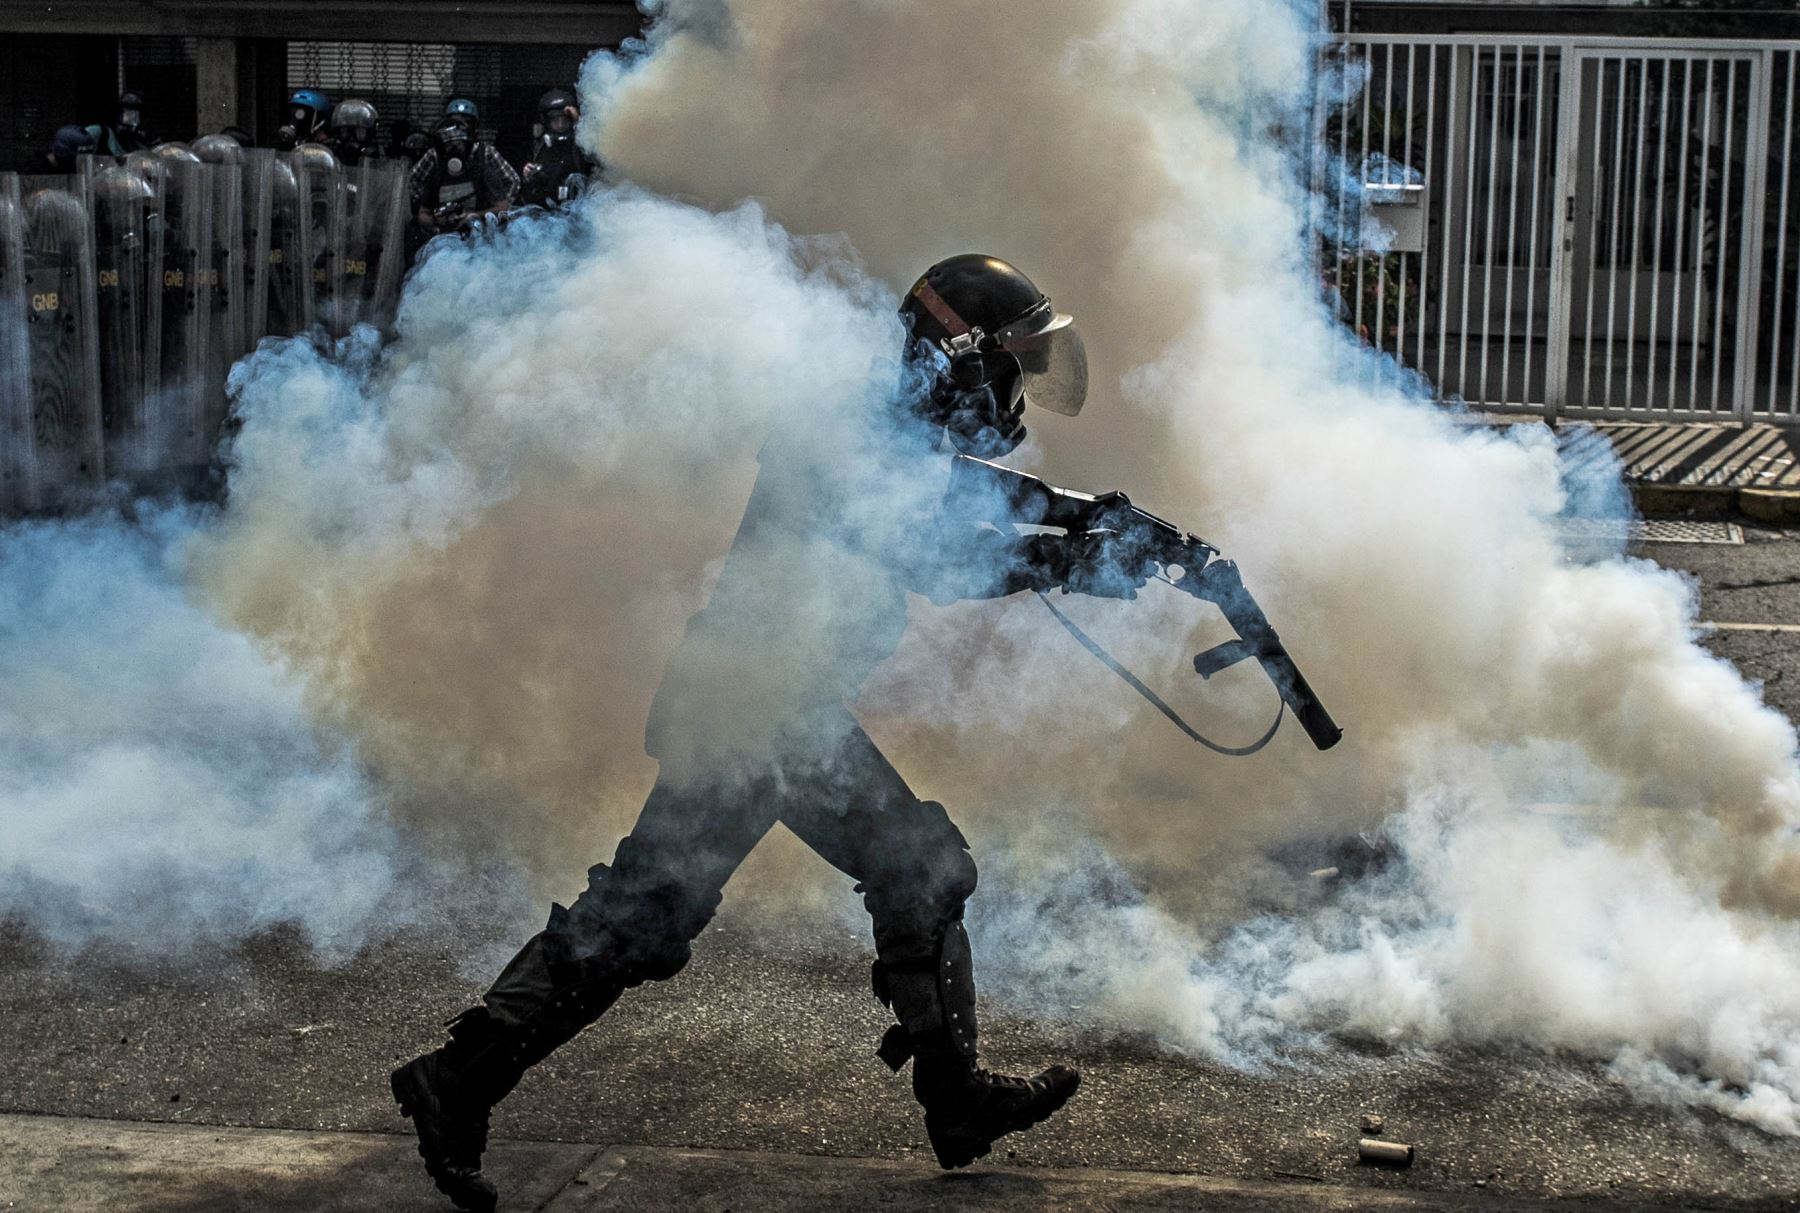 Manifestaciones contra el presidente Nicolás Maduro en Caracas Venezuela. Foto: AFP